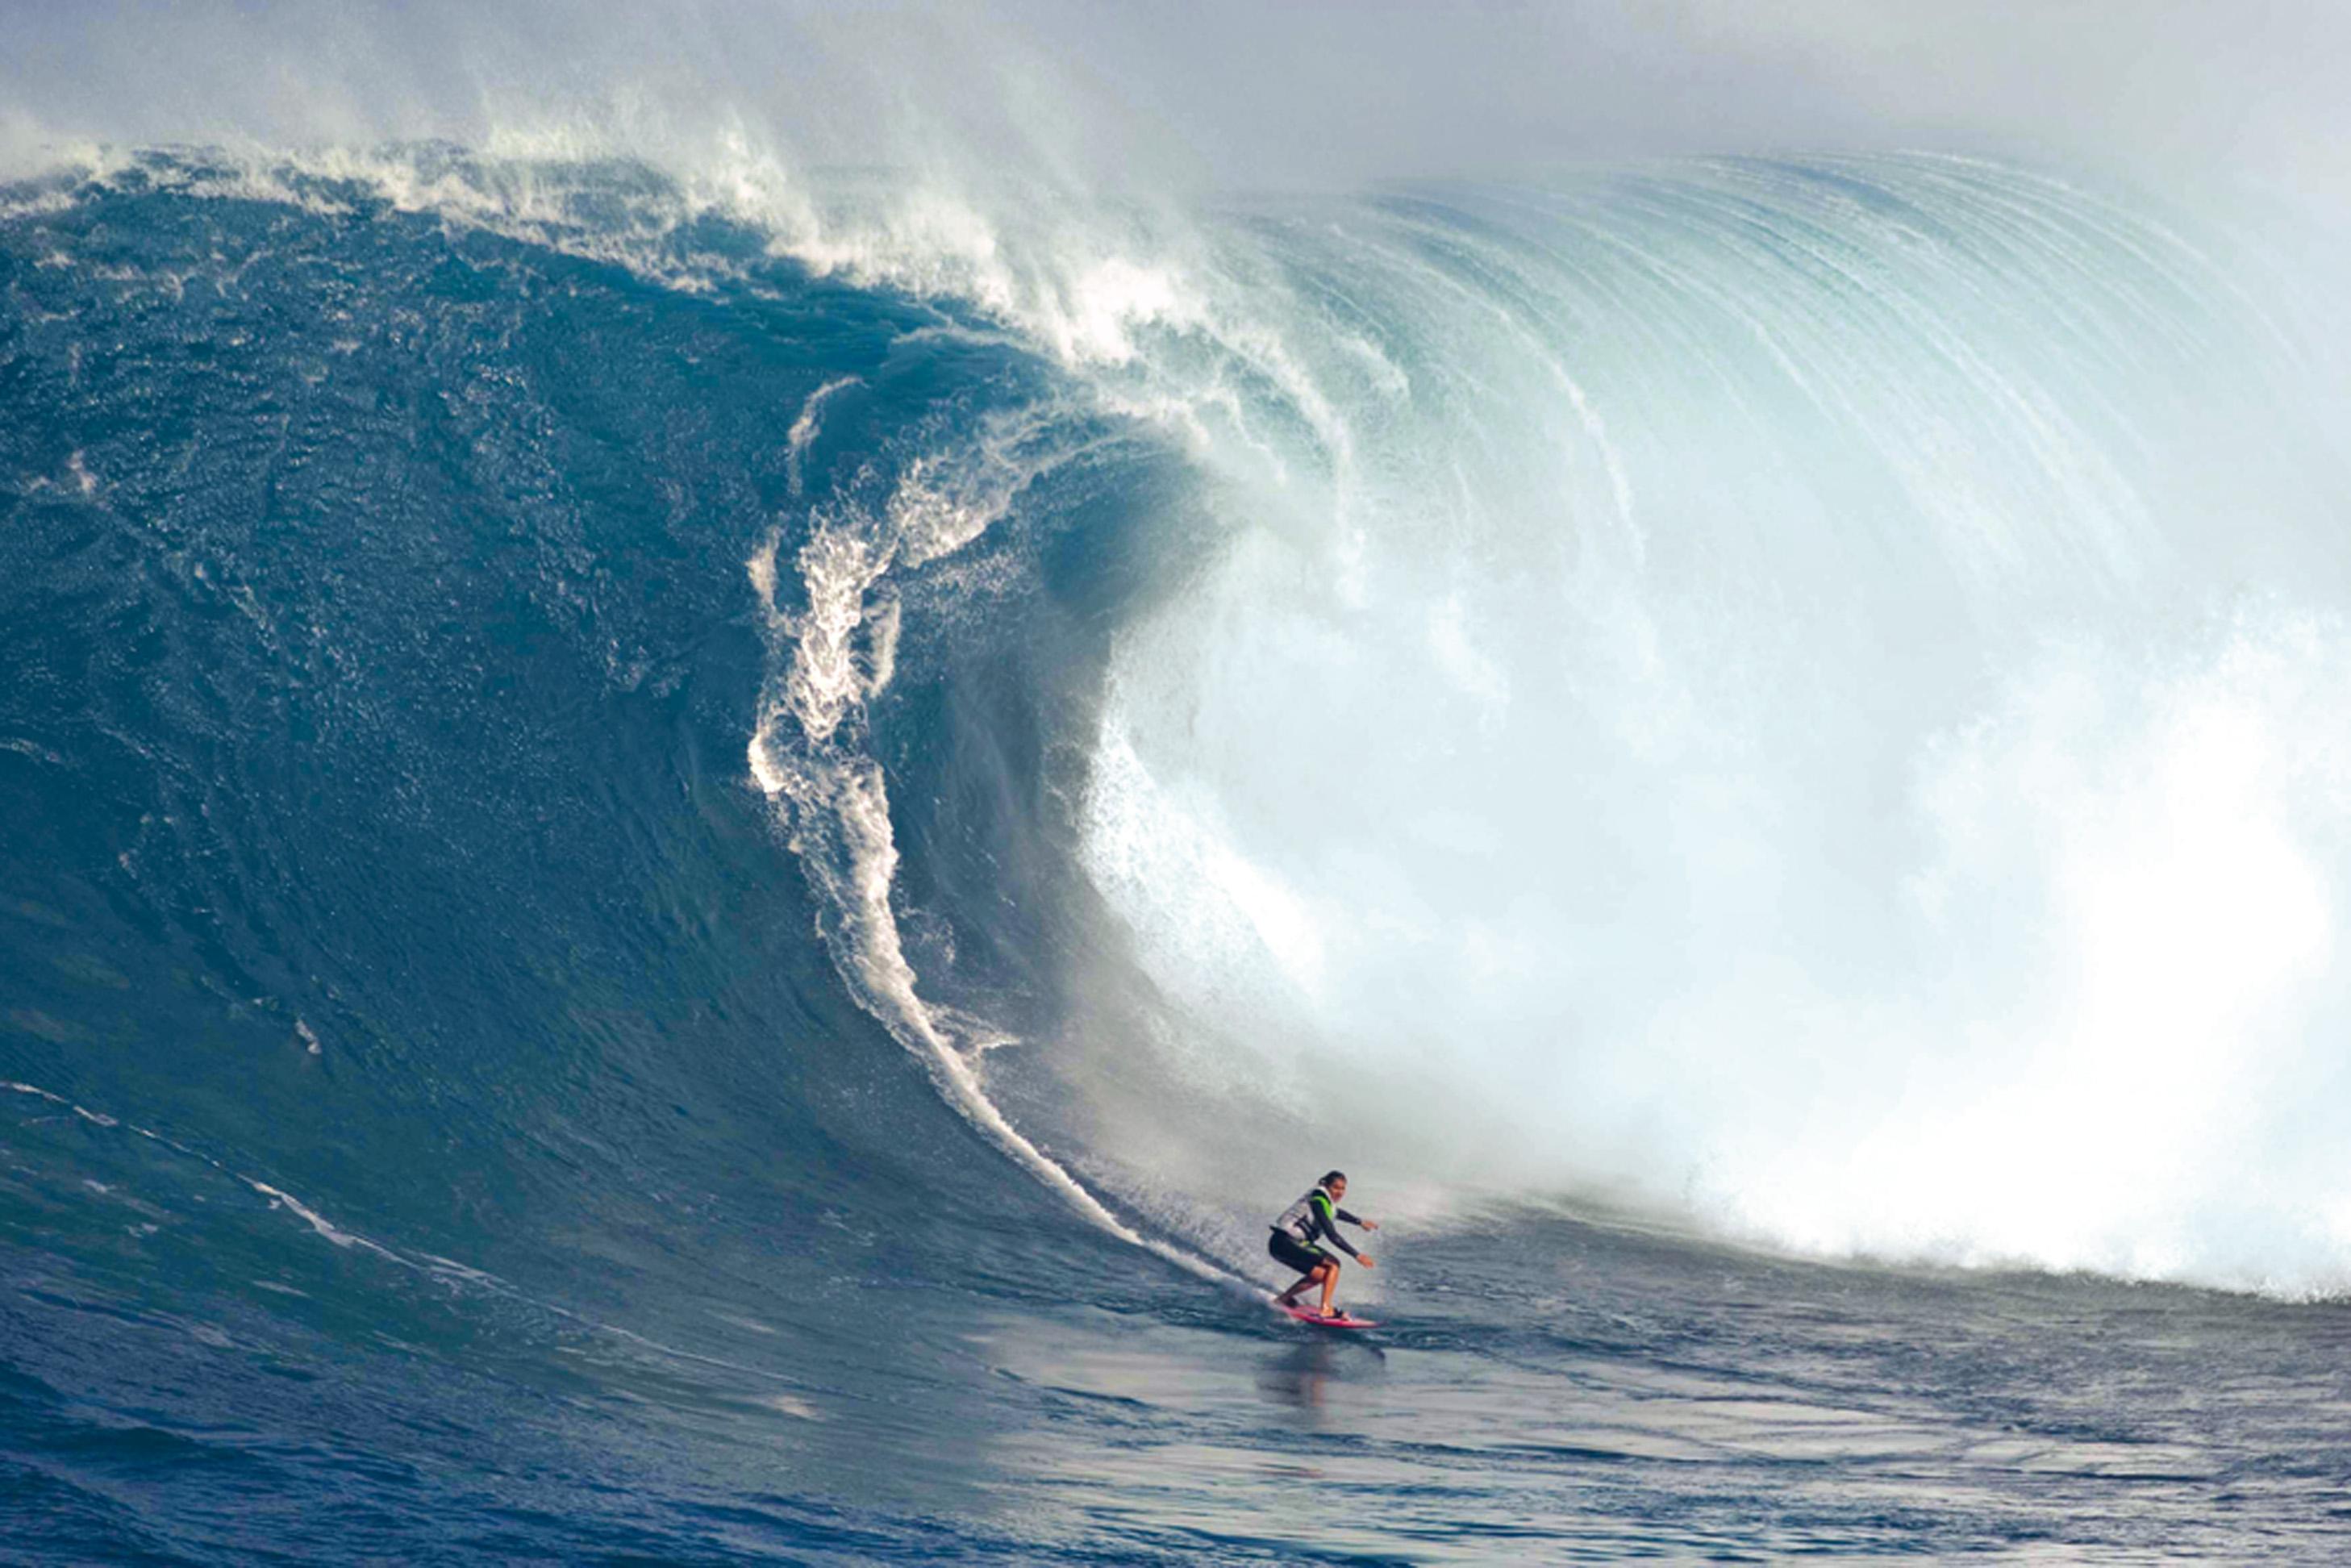 Jaws, Maui, Havaí - Conhecida como a praia com a maior onda do mundo, Jaws, que significa mandíbula em inglês, fica na ilha de Maui, no Havaí. Foi nela que o tow-in (a técnica em que o surfista é levado até a onda com a ajuda de um jet ski) ganhou fama mundial com nomes como Laird Hamilton. Nos anos 90, ele foi ao limite do que se imaginava possível no surf. É de lá também a abertura de James Bond 007 – Um novo dia para morrer, com imagens do próprio Laird surfando uma onda gigante. [Na foto, Maya surfa com um colete salva-vidas]